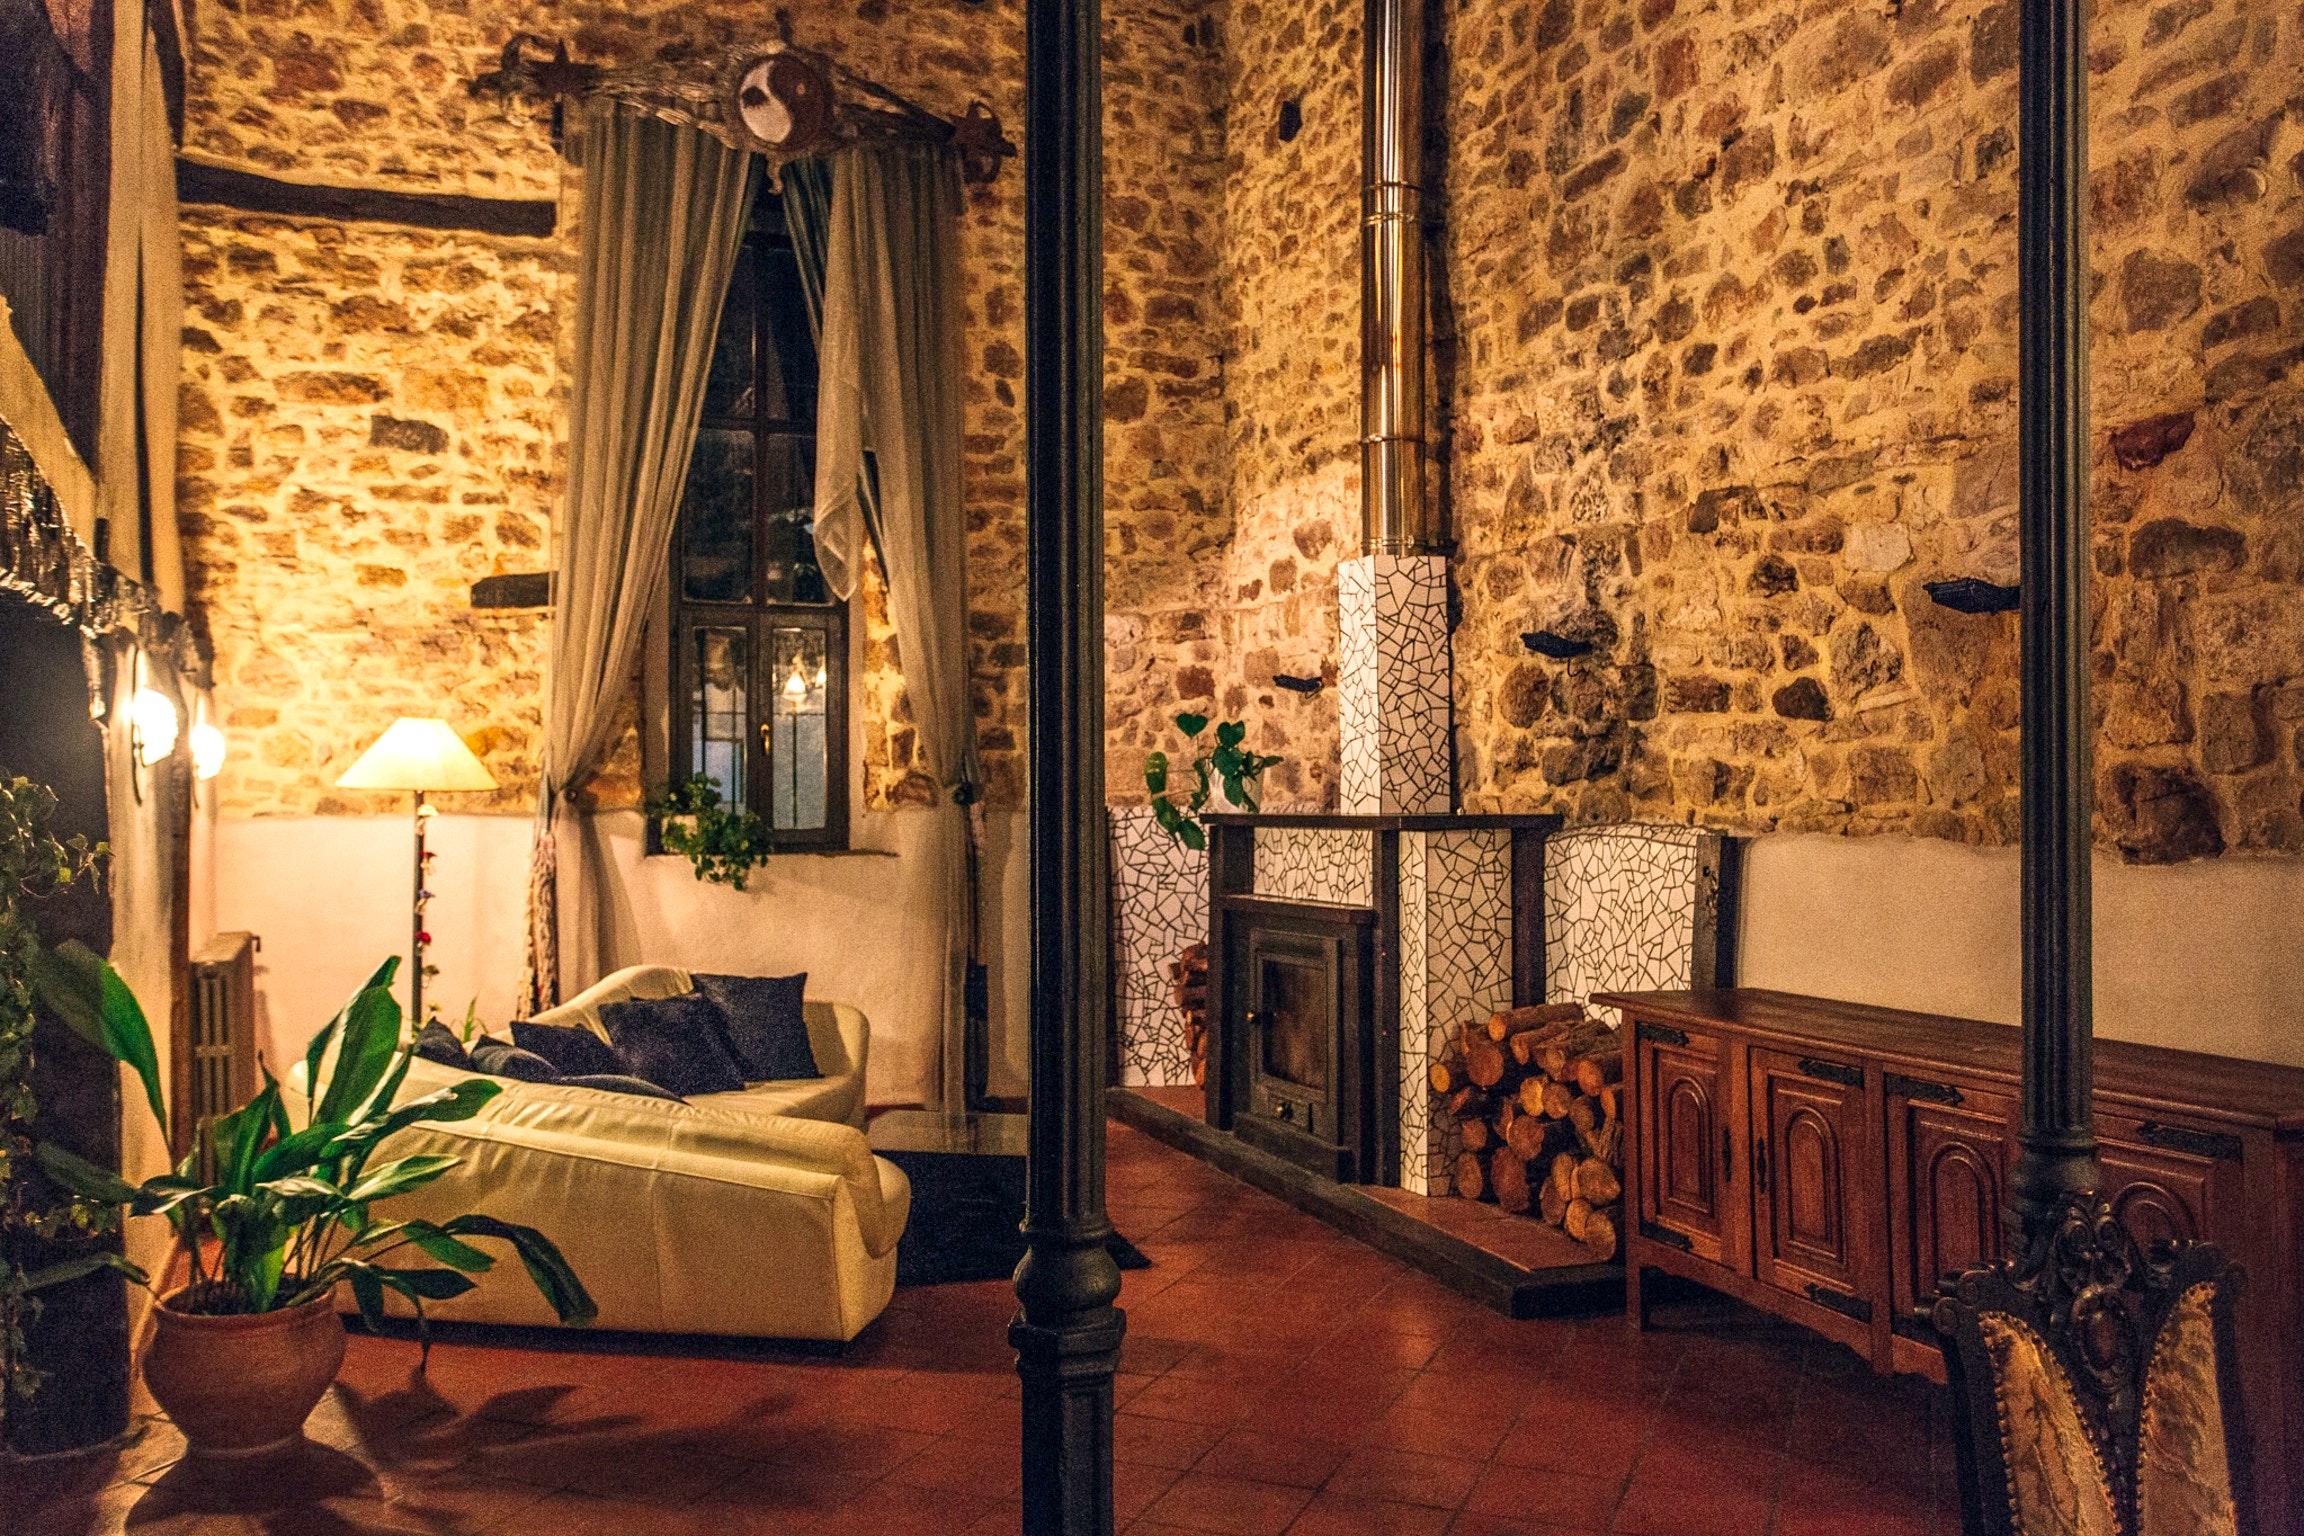 Ferienhaus Haus mit 5 Zimmern in Fuenteodra mit toller Aussicht auf die Berge, eingezäuntem Garten un (2211142), Fuenteodra, Burgos, Kastilien-León, Spanien, Bild 4